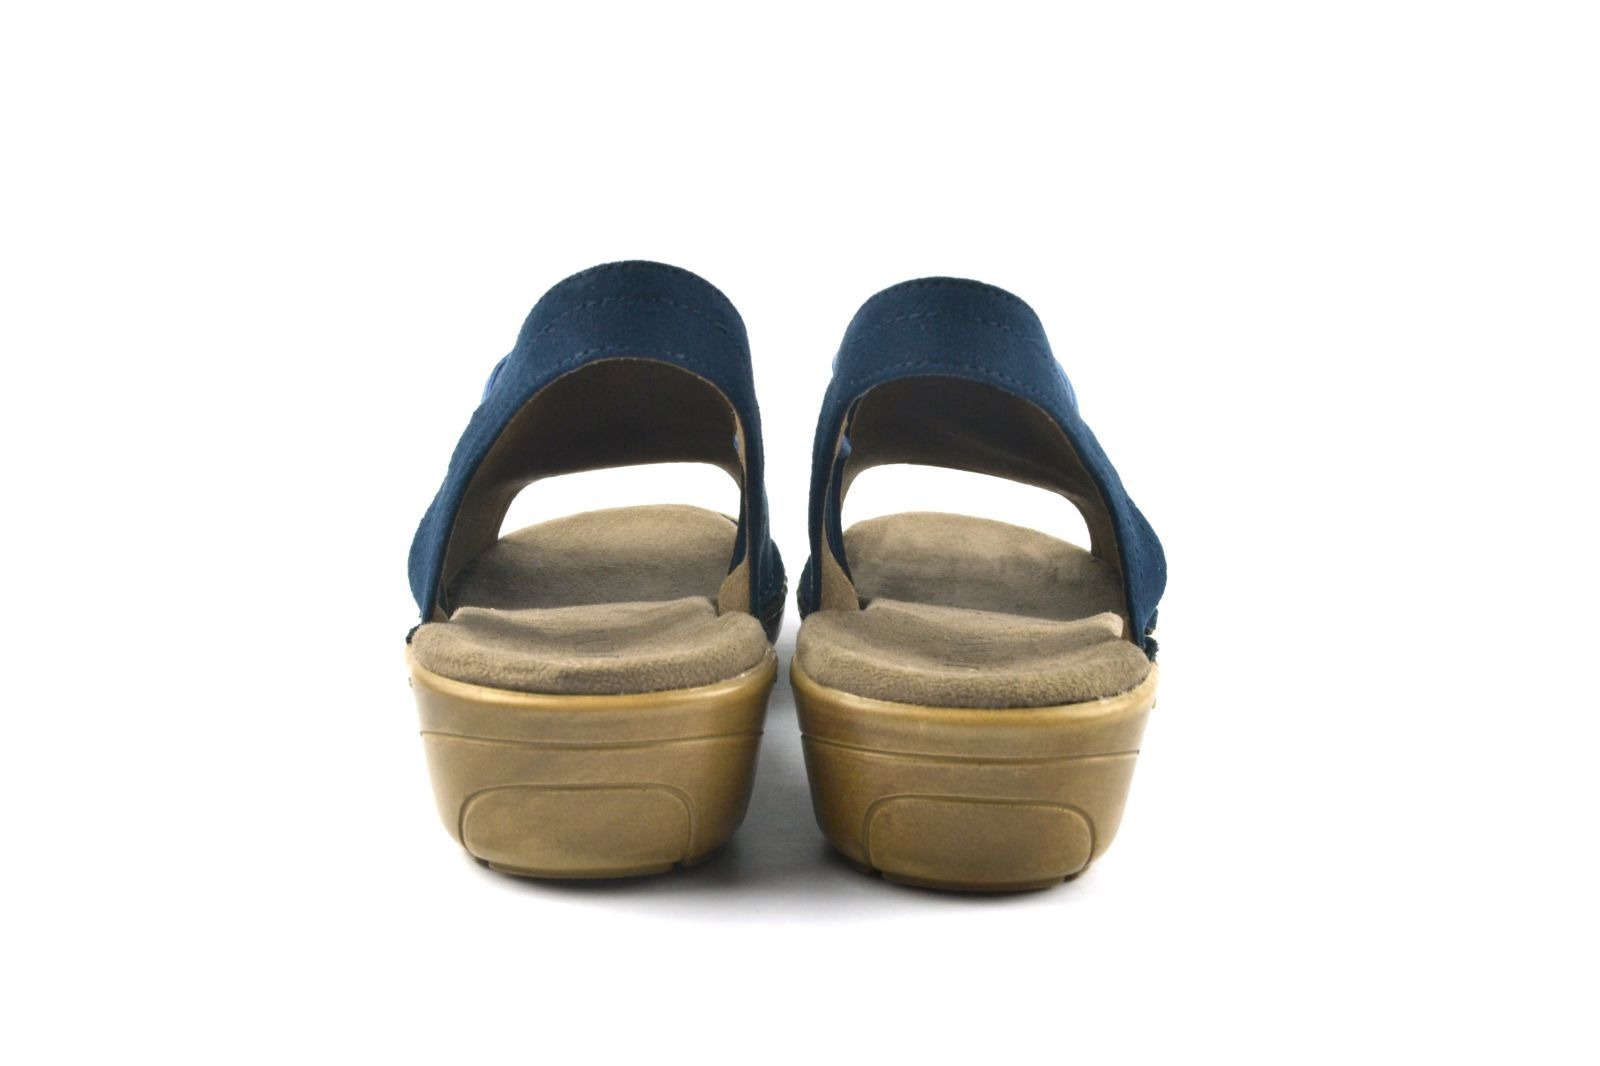 8e0a461aa3 ARA - Sandále - Modré dámske sandále na leto na nízkom podpätku ...